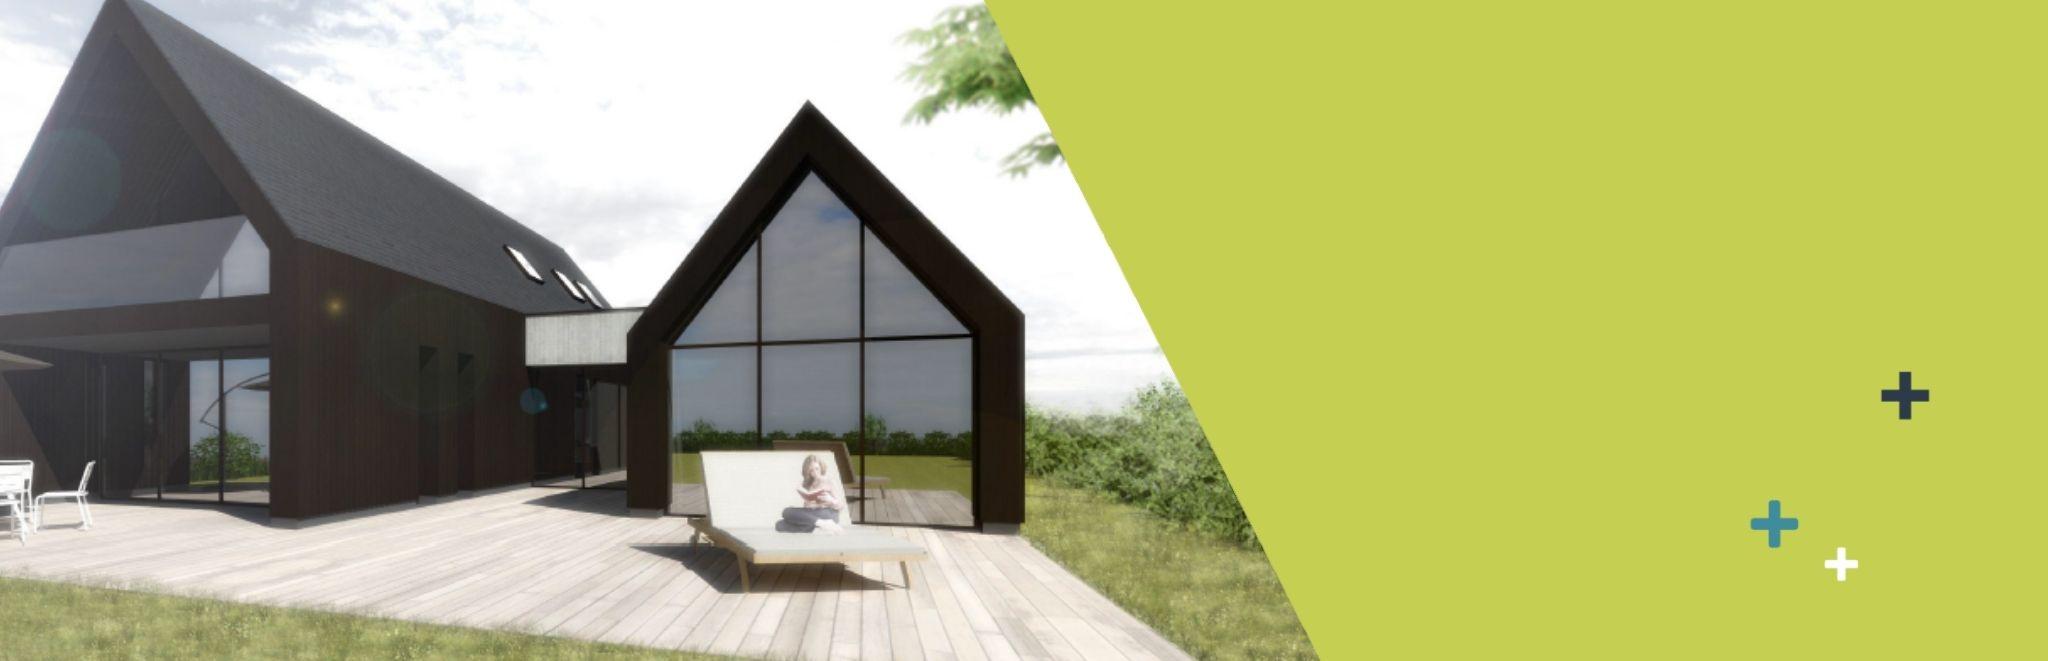 etude thermique pour une maison individuelle en bord de mer